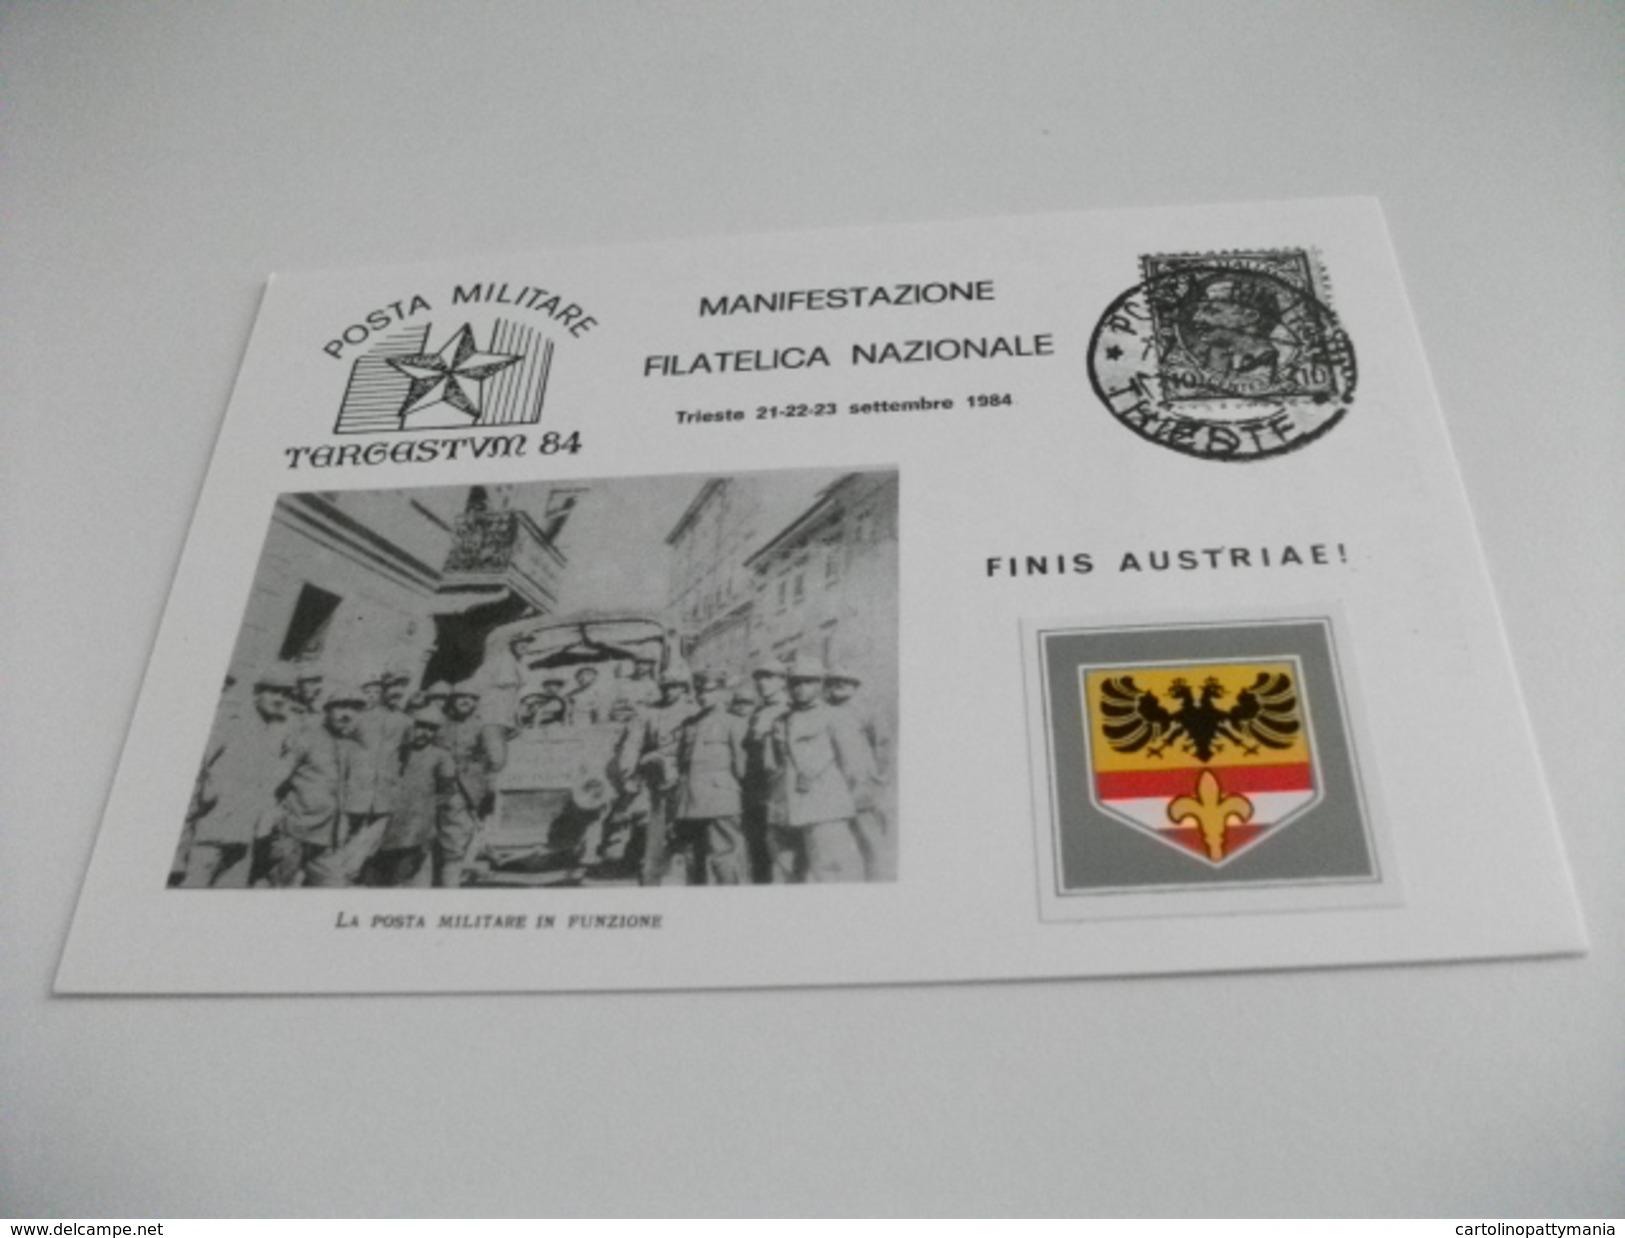 MANIFESTAZIONE FILATELICA NAZIONALE TRIESTE 1984  POSTA MILITARE TAARGESTVM 84 IMMAGINE LA POSTA MILITARE IN FUNZIONE - Manifestazioni